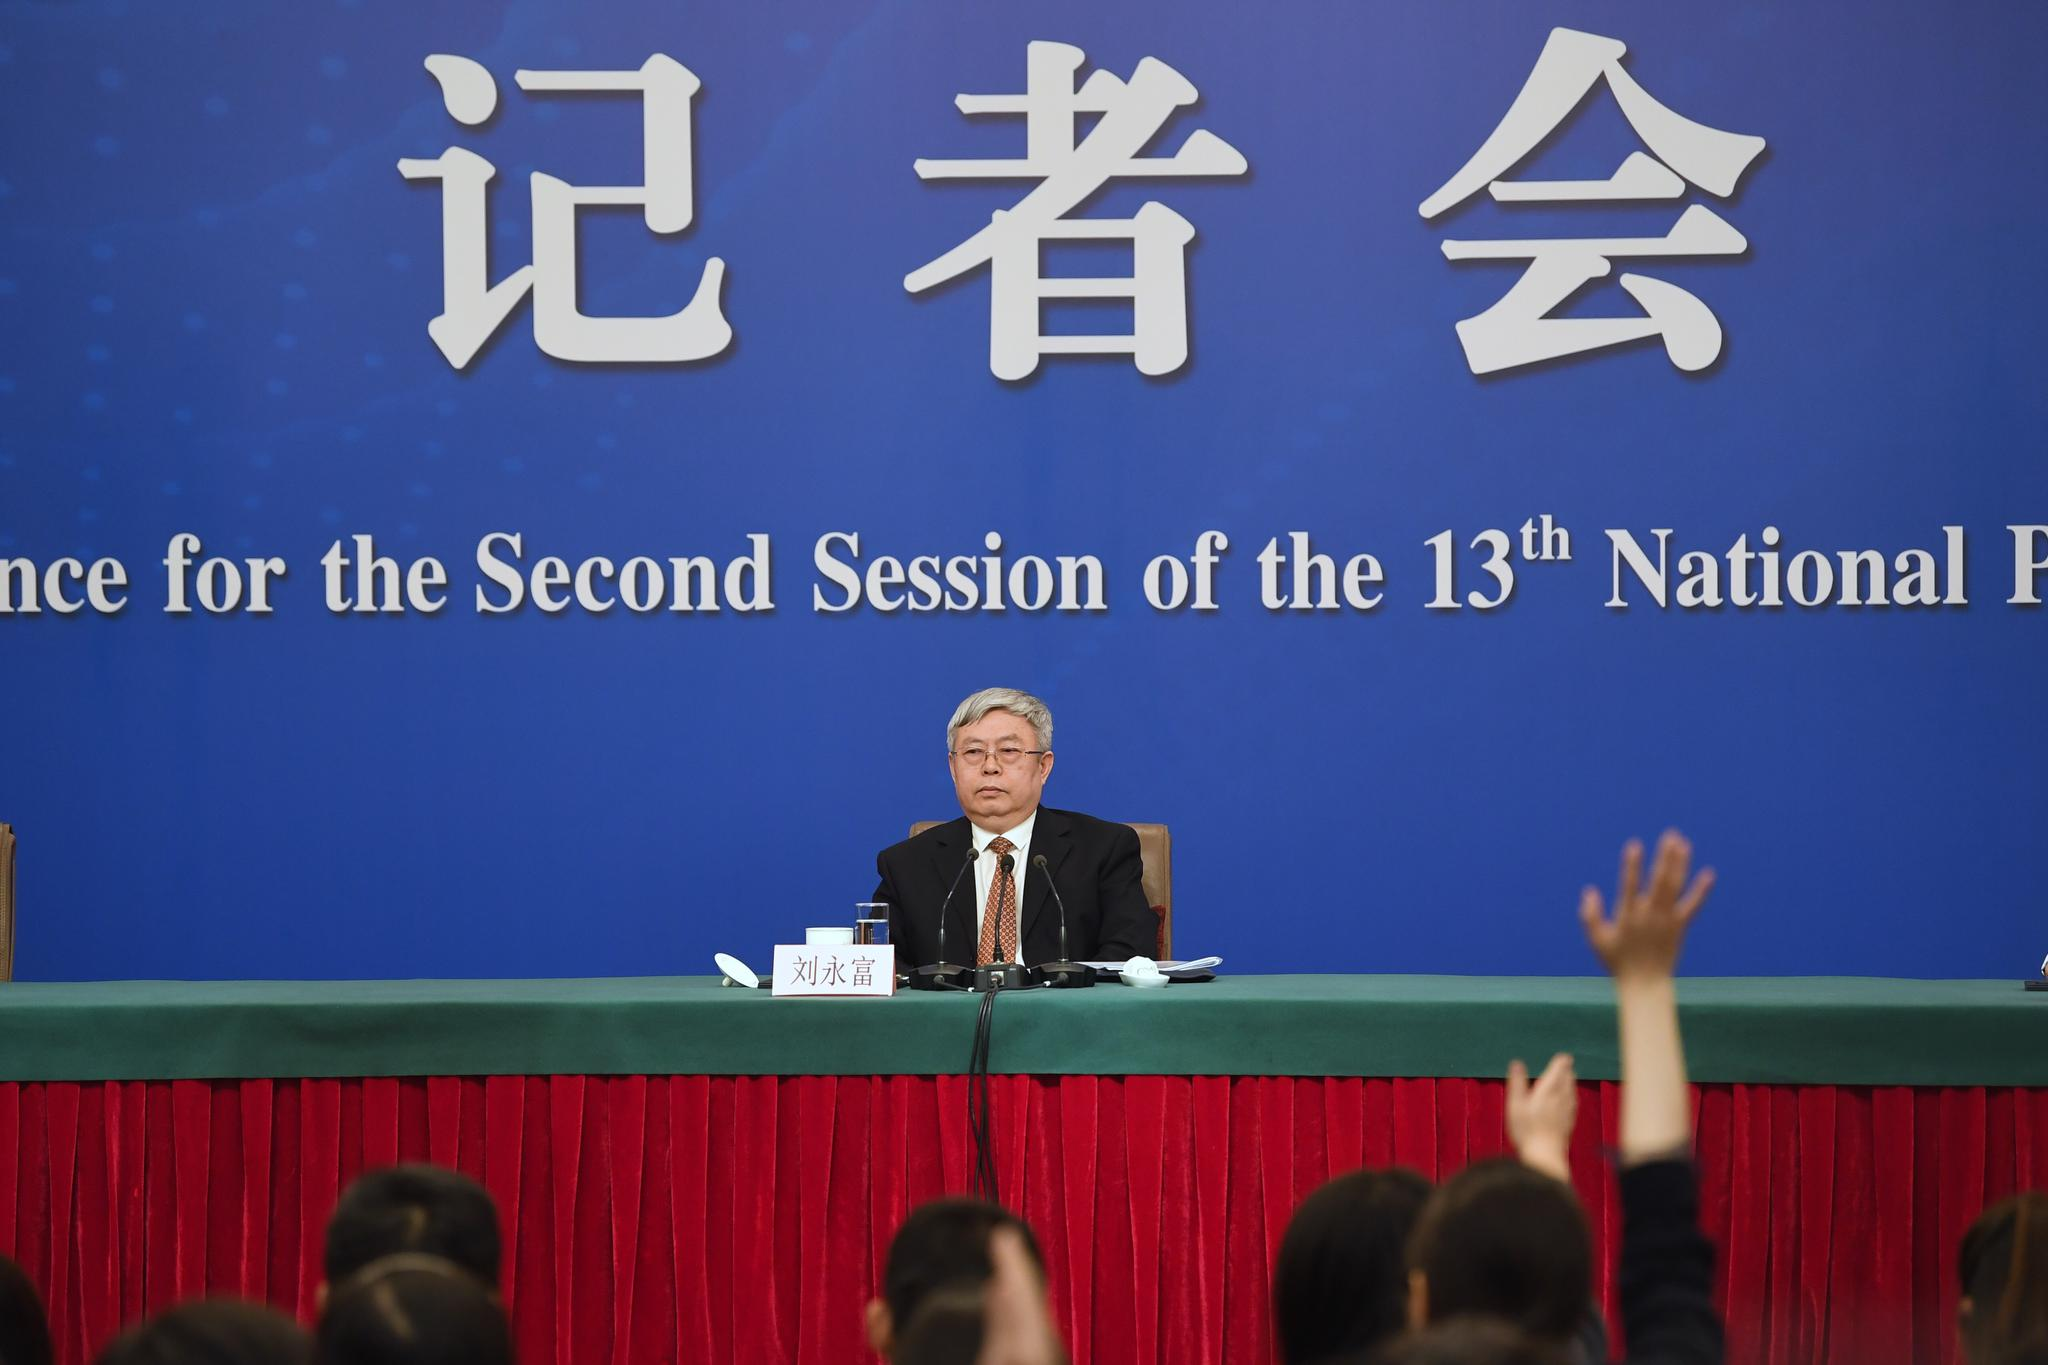 3月7日,国务院扶贫开发领导小组办公室主任刘永富参加十三届全国人大二次会议举行记者会。 摄影/新京报记者 彭子洋